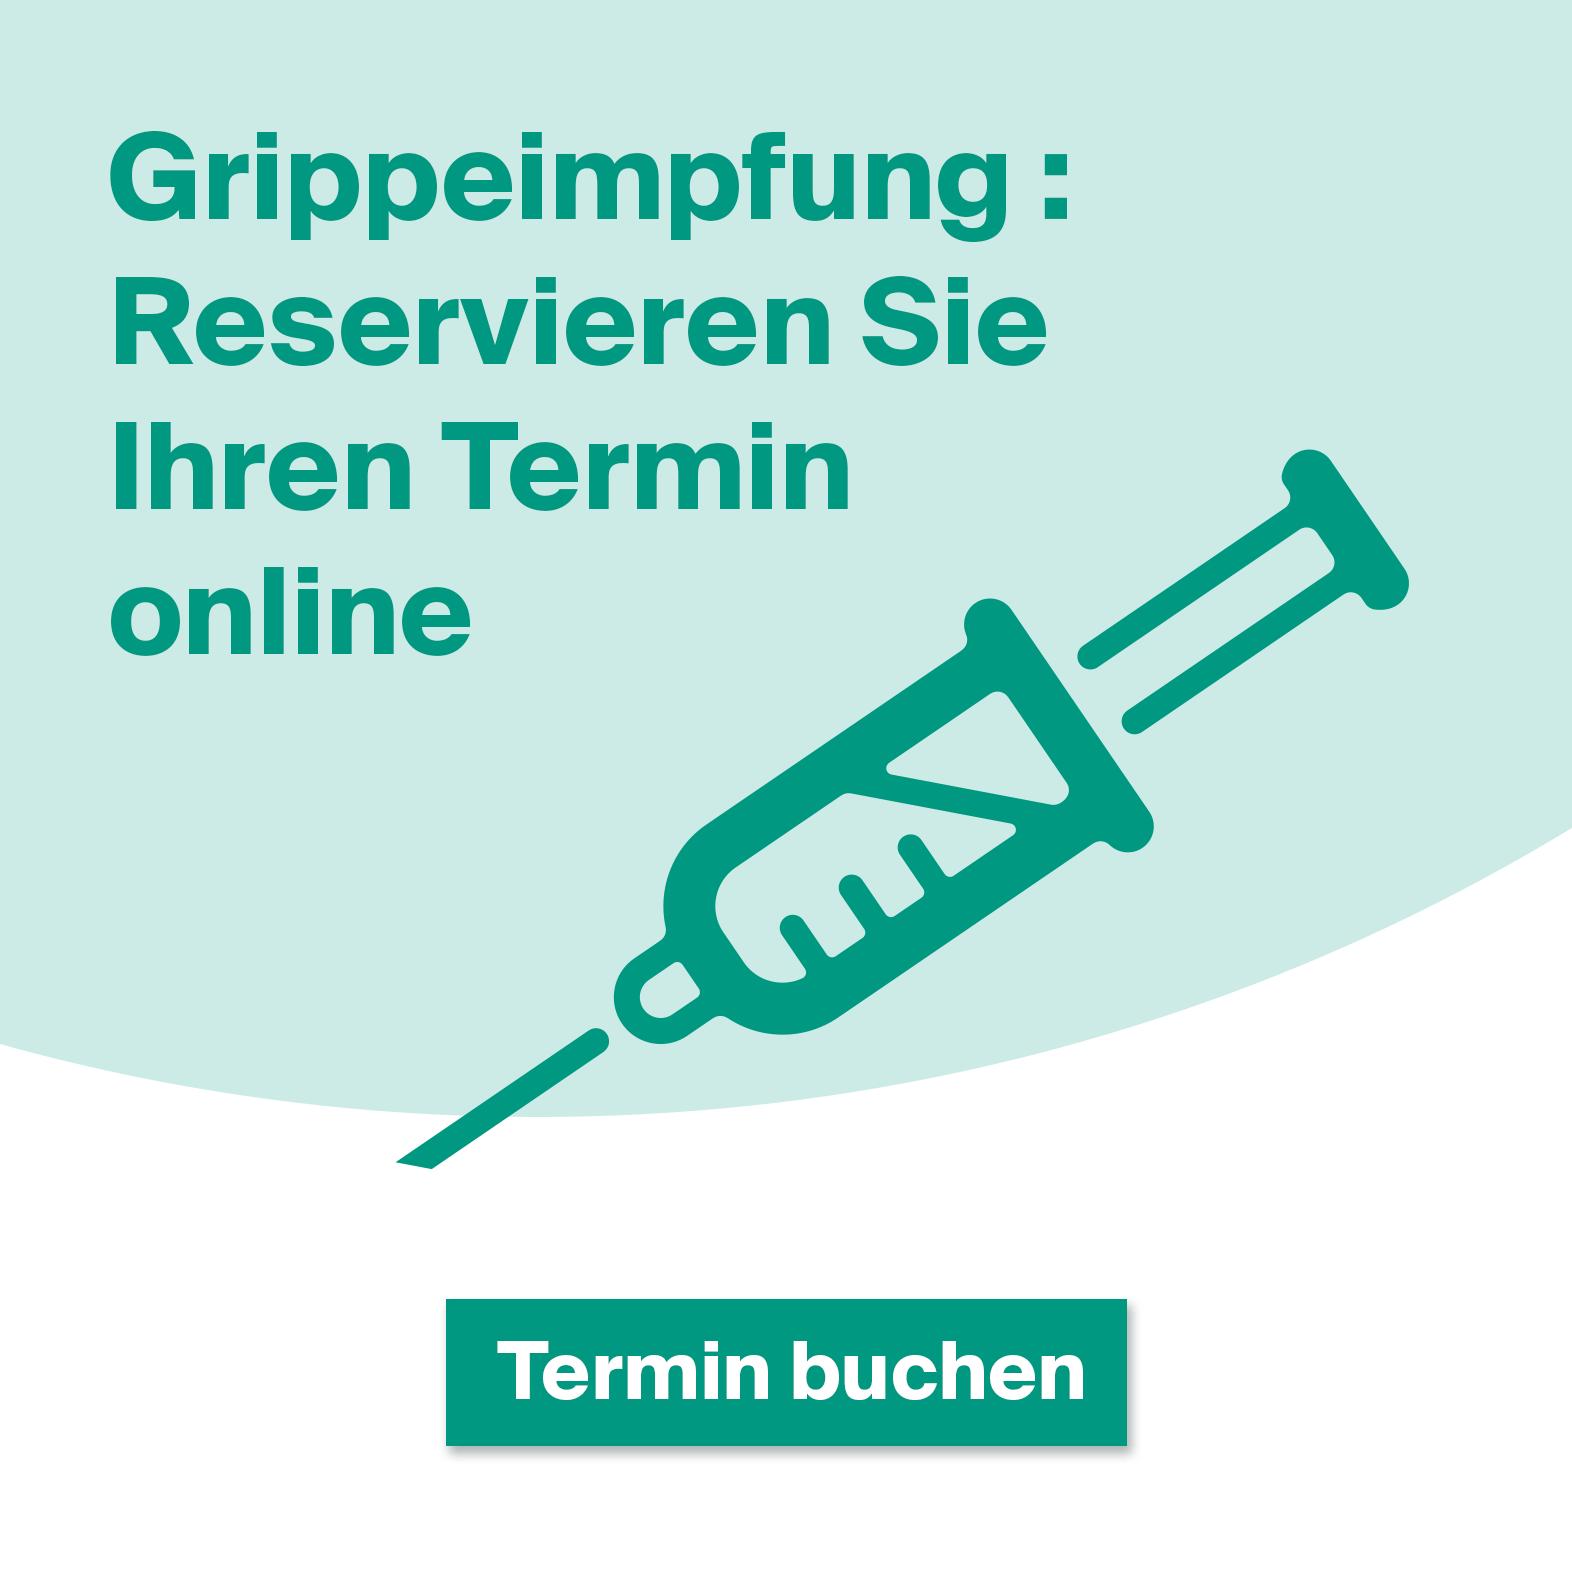 Grippeimpfung online buchen